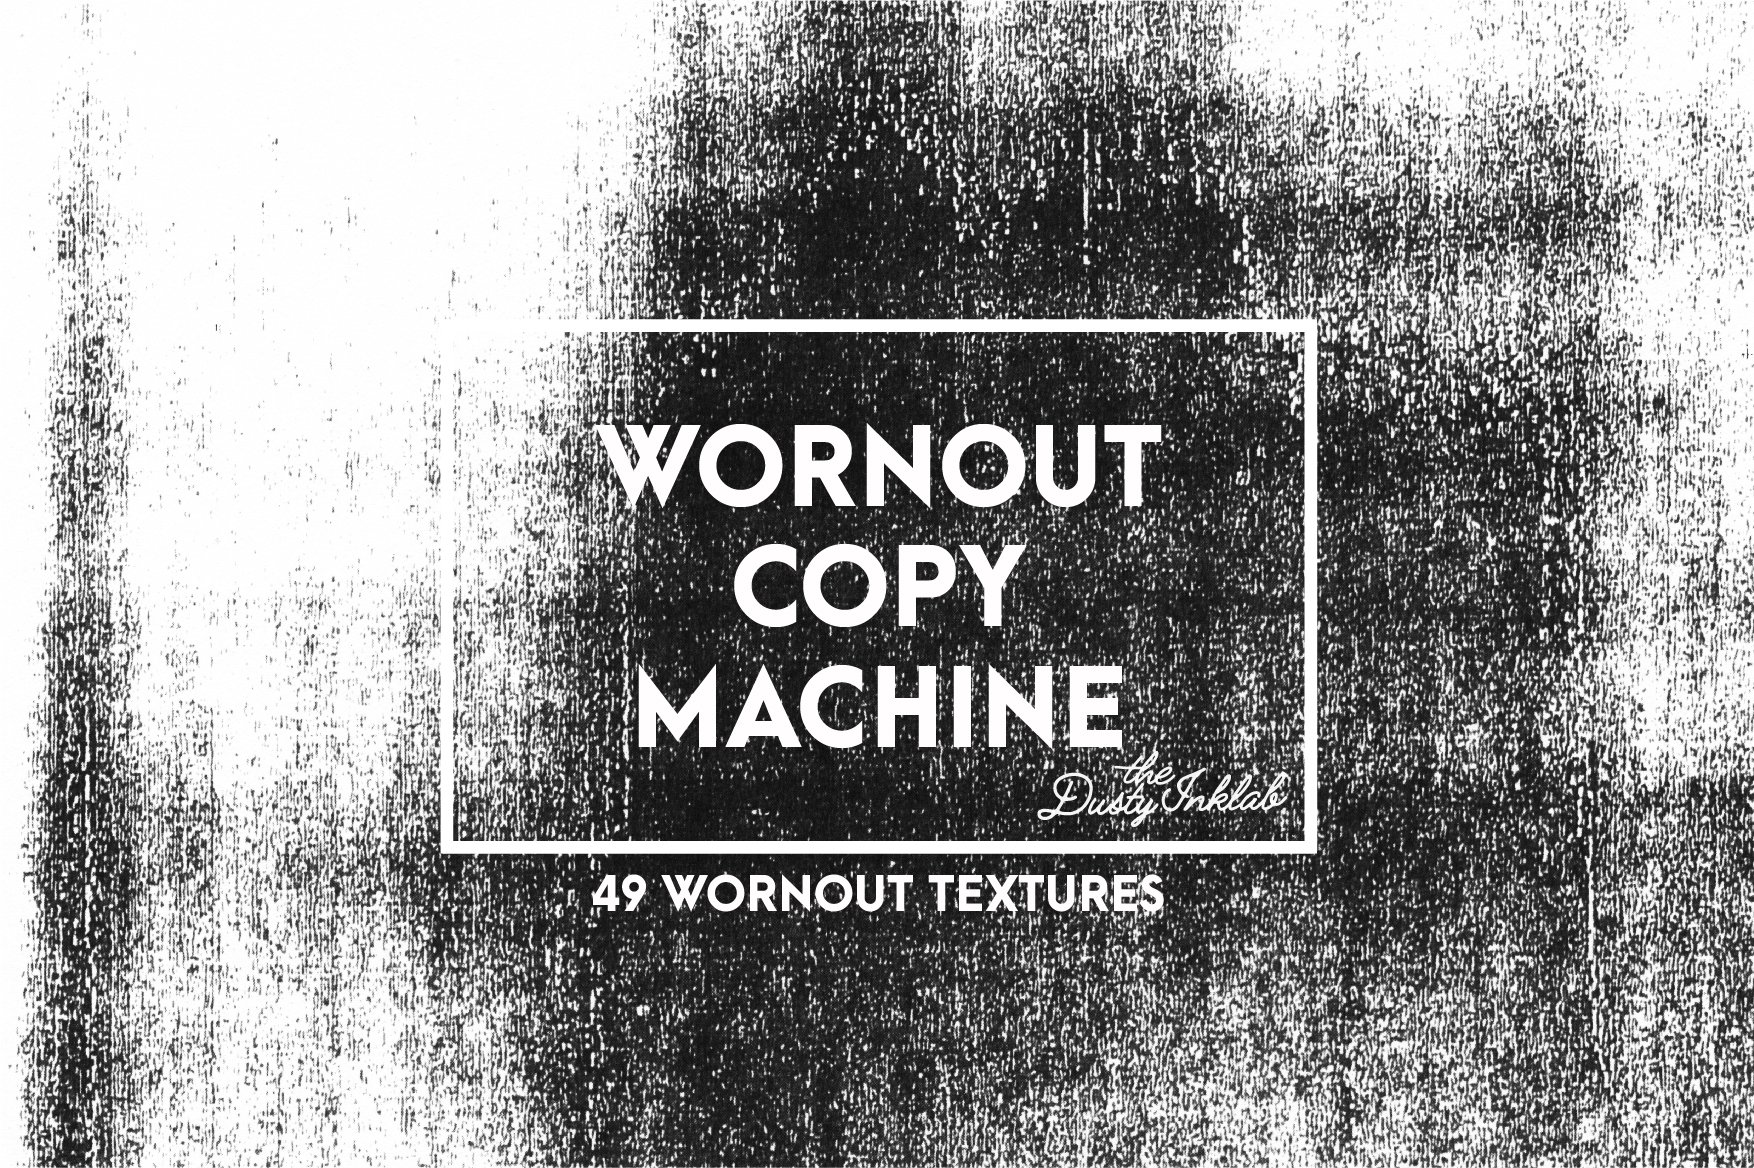 156款复古做旧折痕磨损褶皱纸张背景纹理素材合集 The Grunge Texture Bundle Vol. 1插图(67)